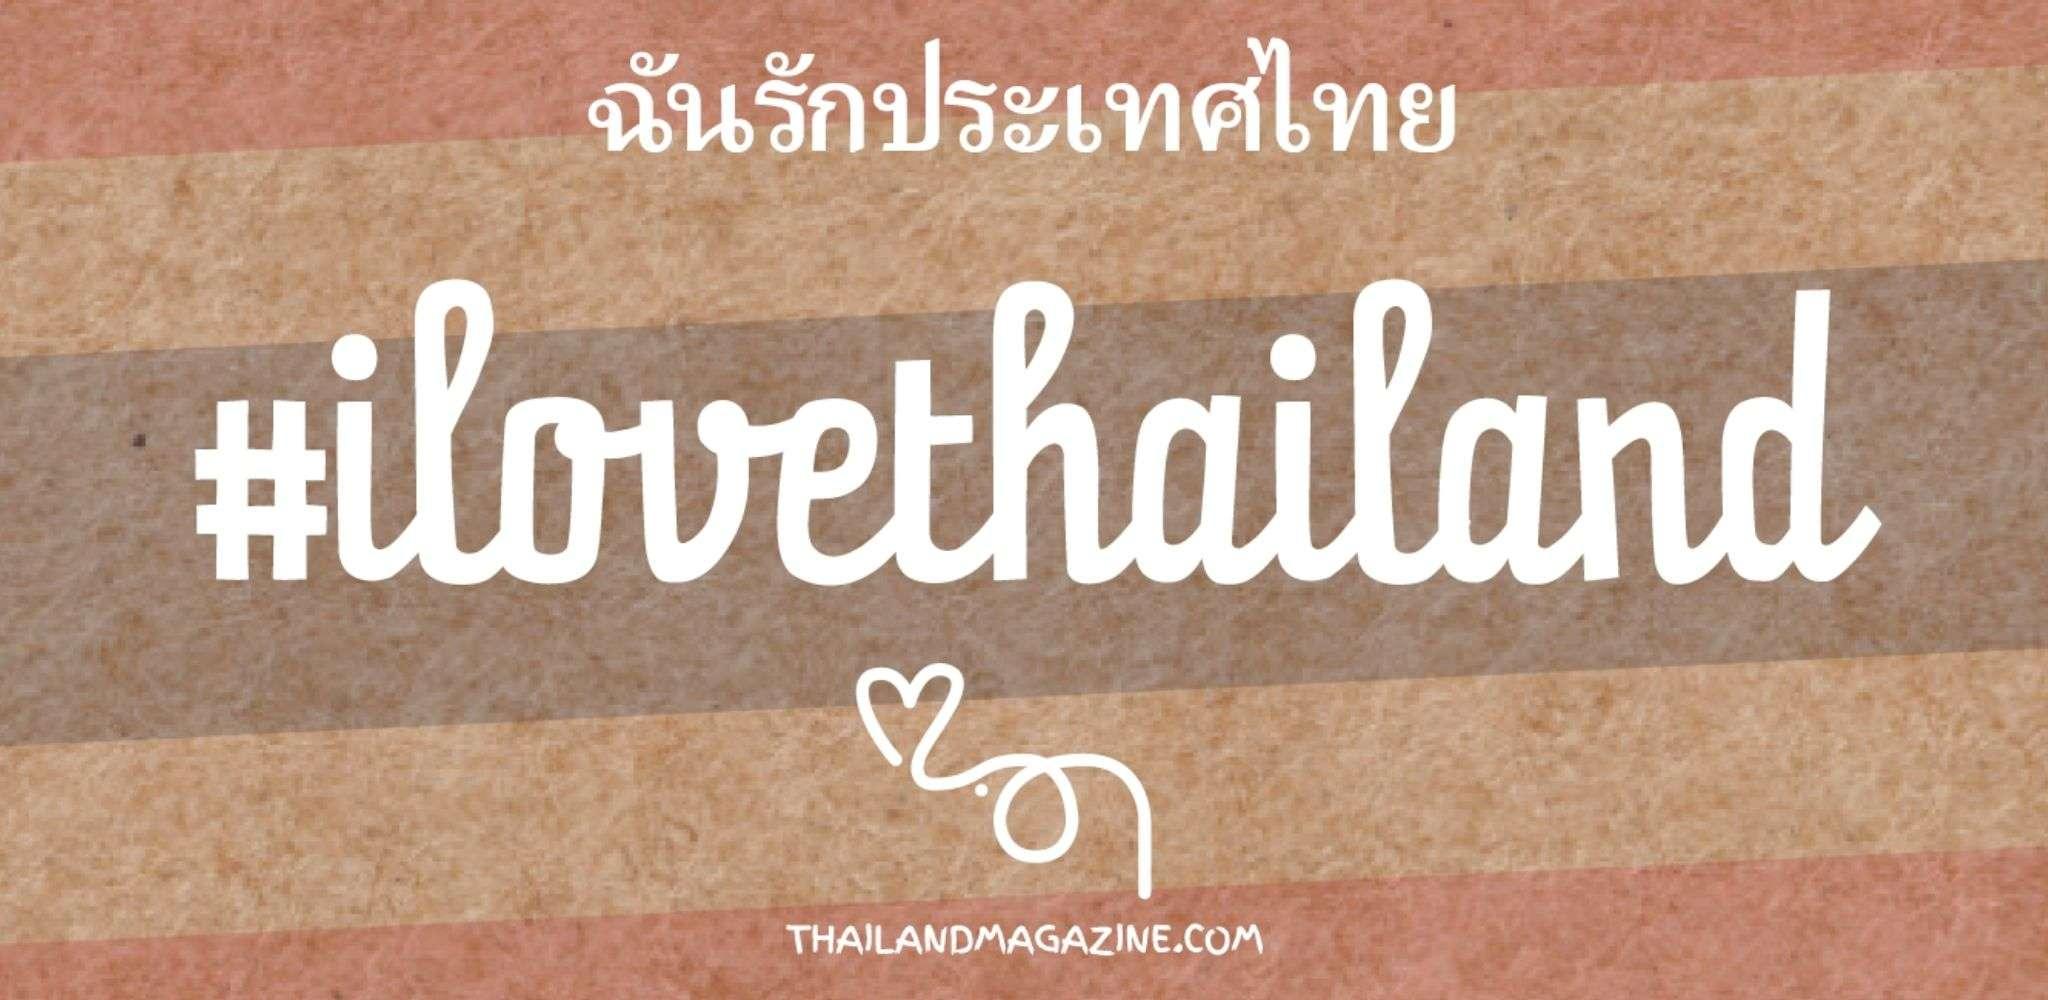 I Love Thailand - Thailand Magazine campagne november 2020